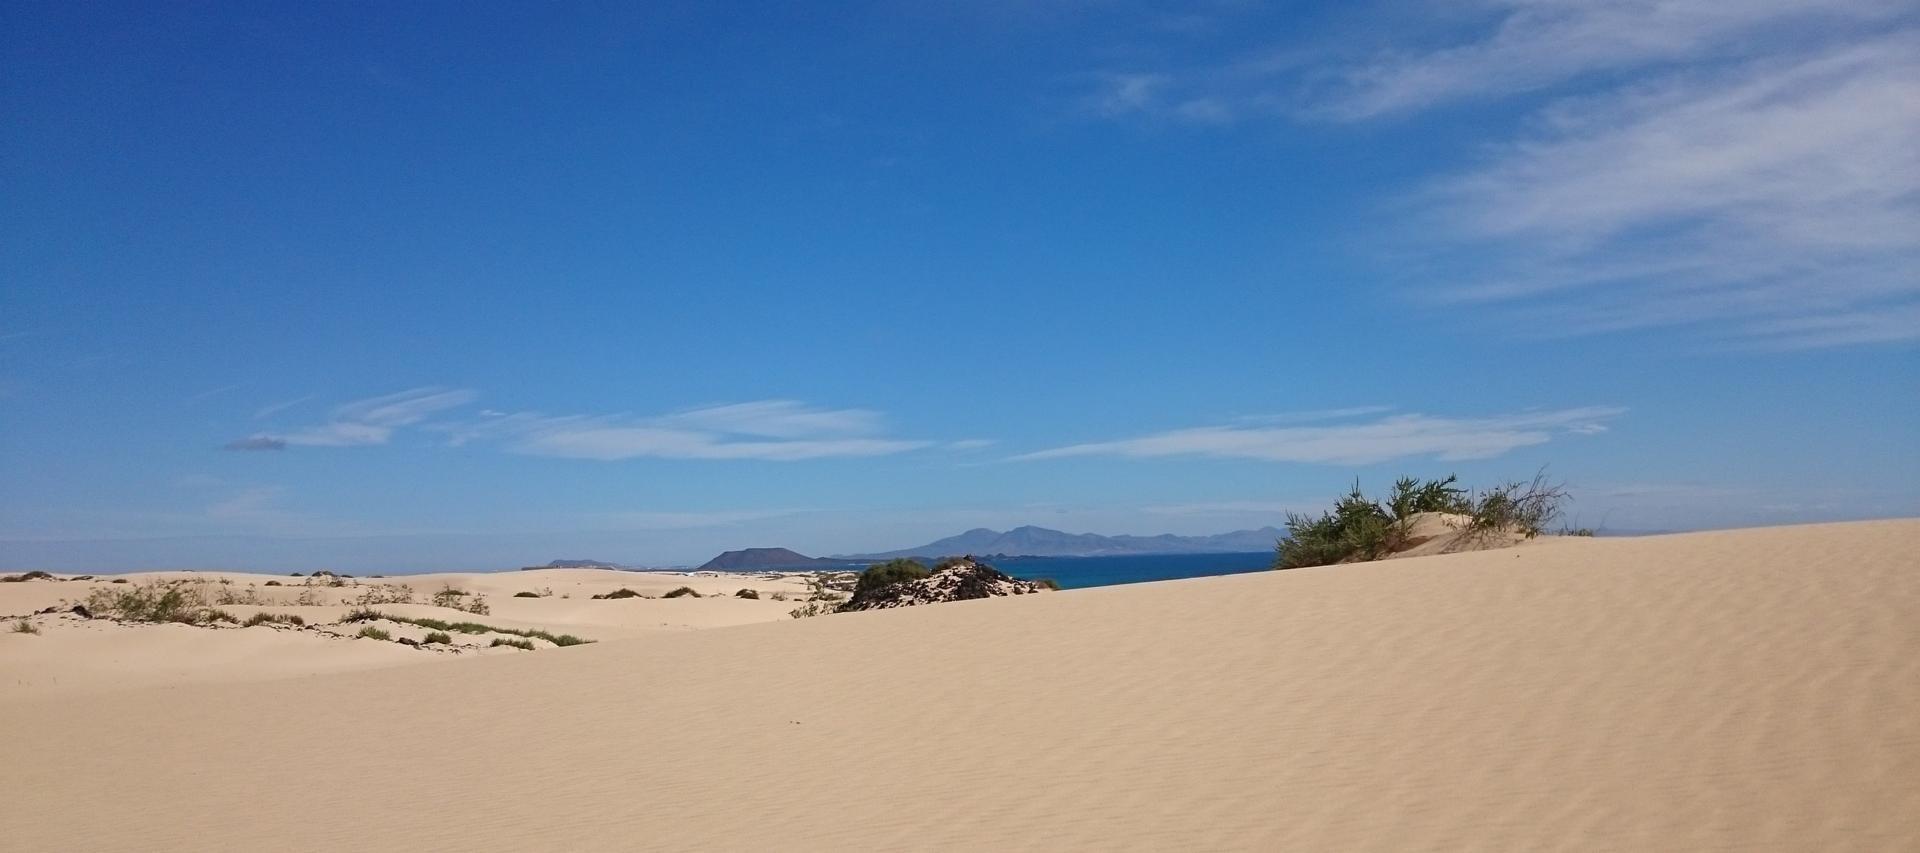 Sand dunes in Fuerteventura | Your Guide to Fuerteventura